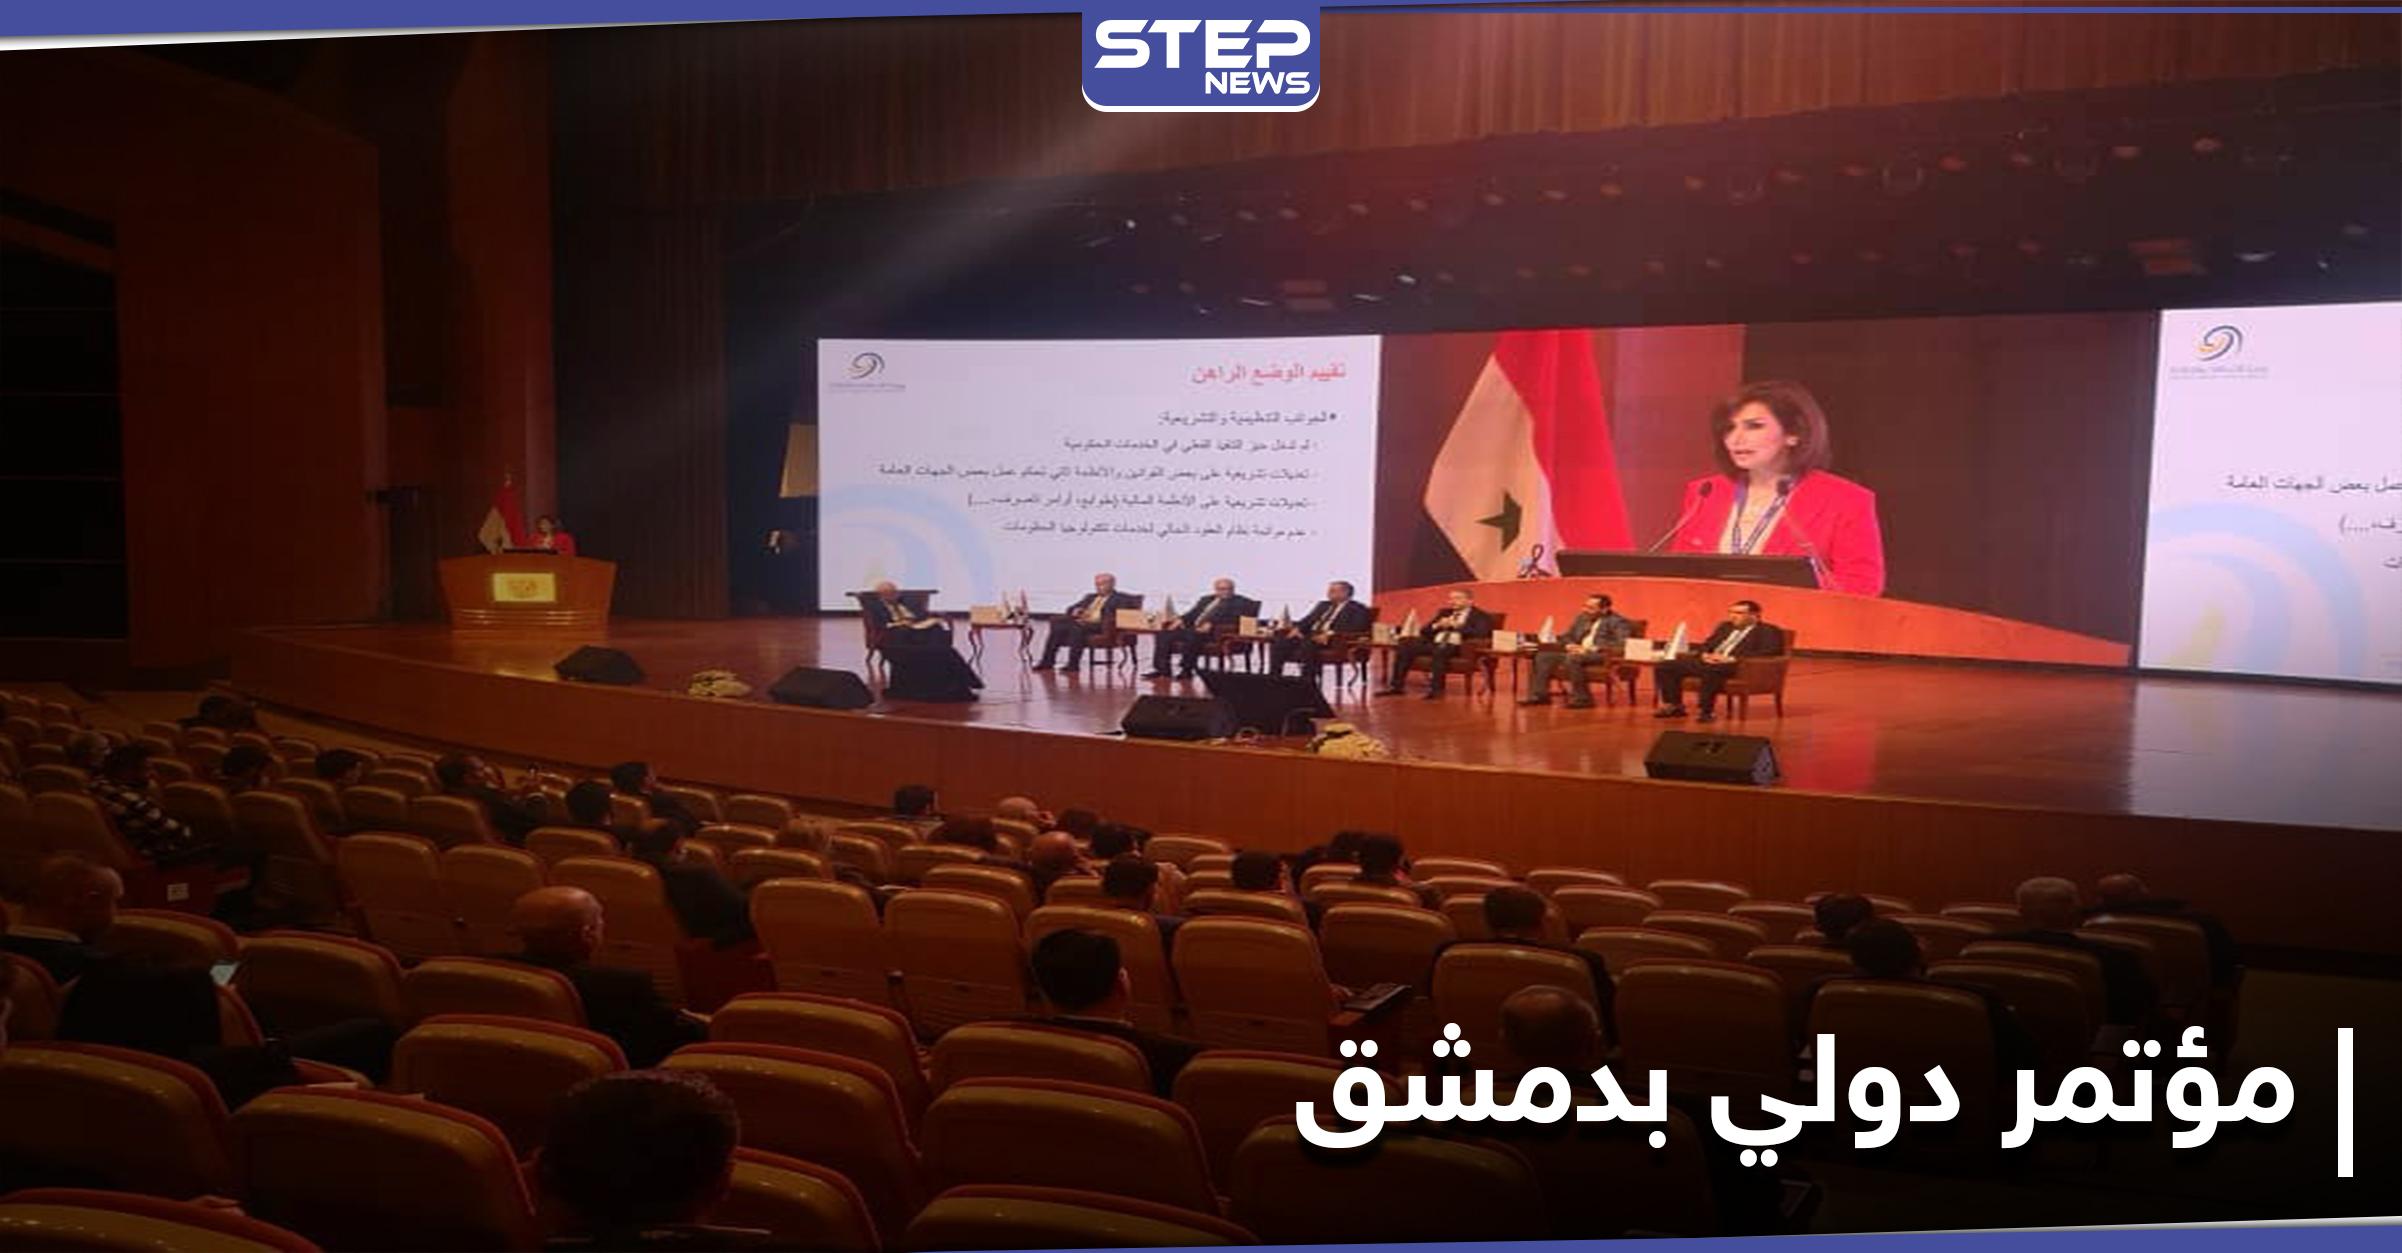 بمشاركة عربية واسعة.. النظام السوري يحتضن المؤتمر الدولي للتحول الرقمي (صور)